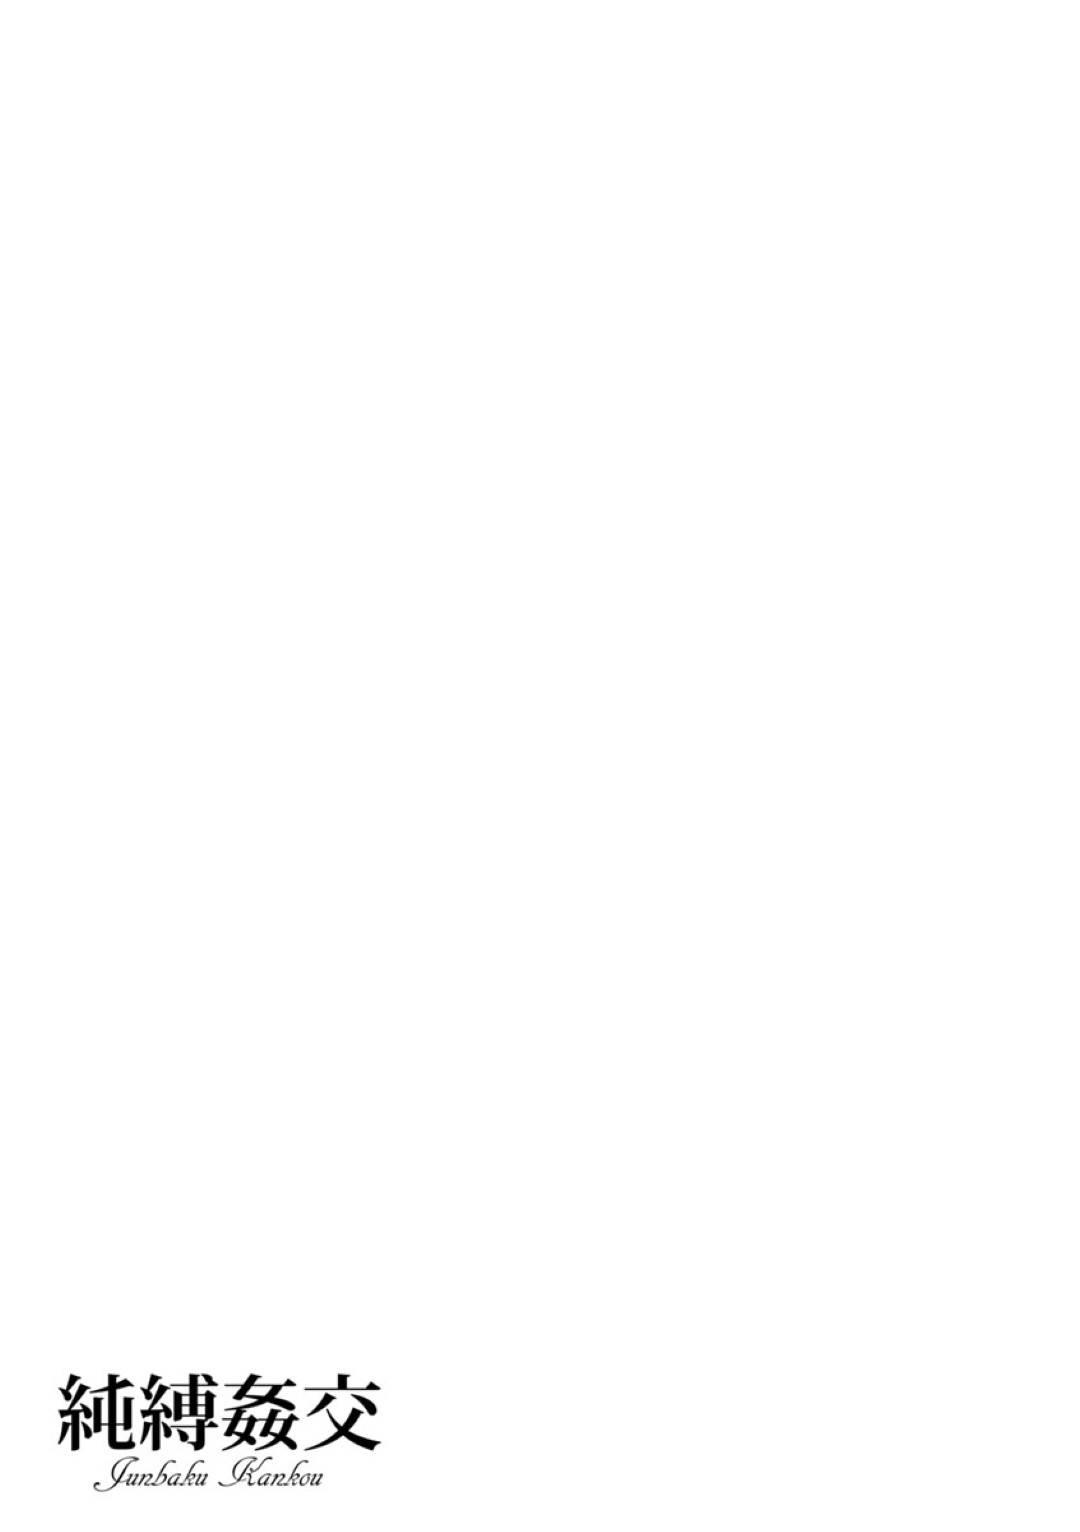 【エロ漫画】周りと馴染めないが唯一祭りの神輿担ぎに精を出す爆乳褐色お姉さん…今年も神輿を見納めていたら晒姿に興奮した男達に拘束される!大好きな神輿に縛られ2穴同時挿入で絶頂!【鬼島大車輪】